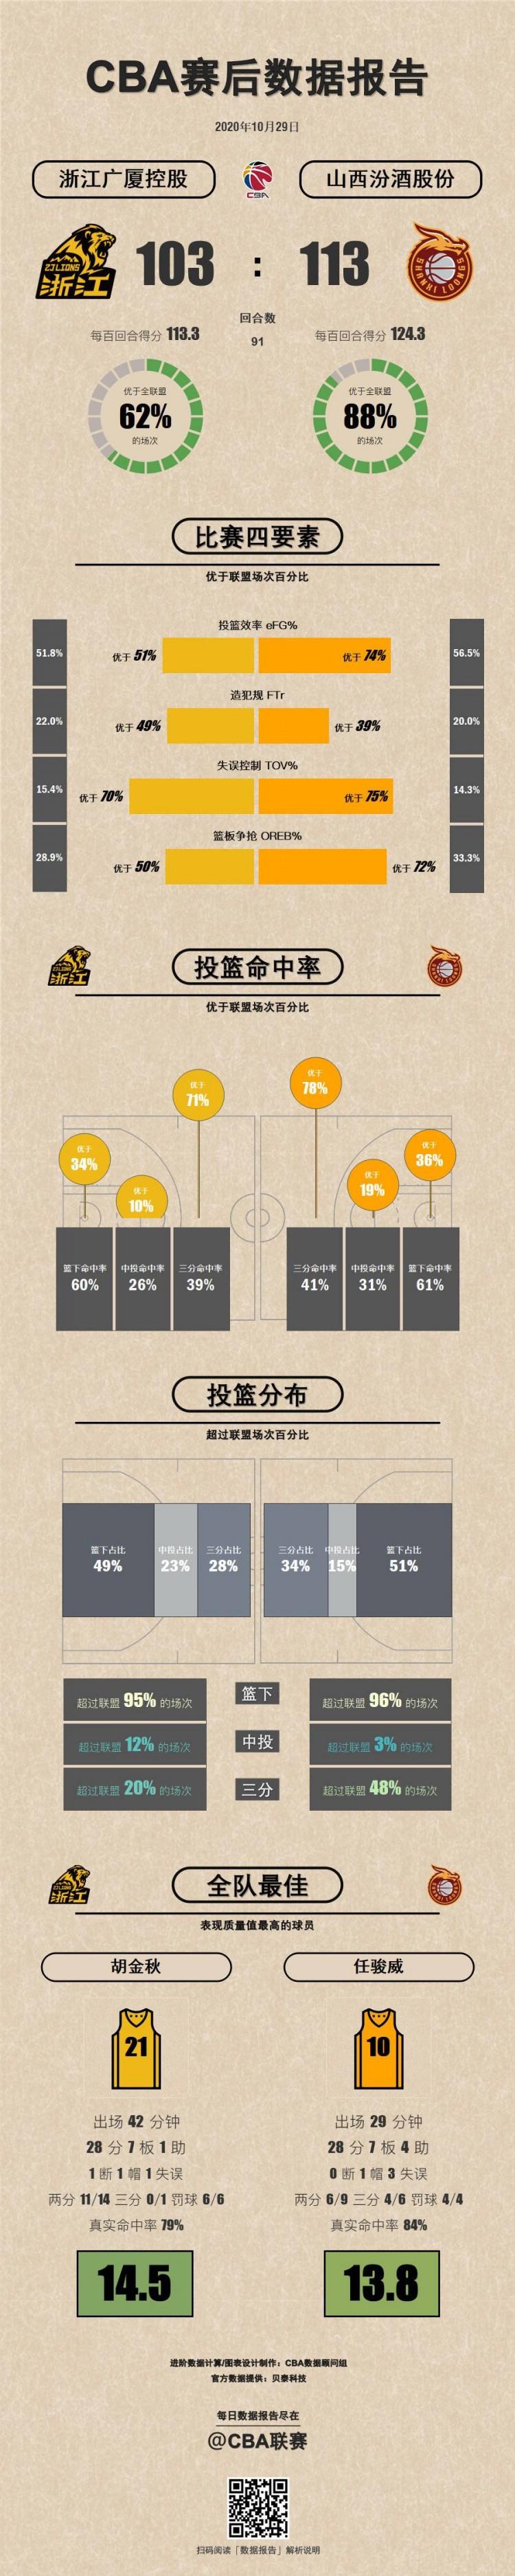 广厦VS山西数据报告:胡金秋、任骏威表现质量值两队最高